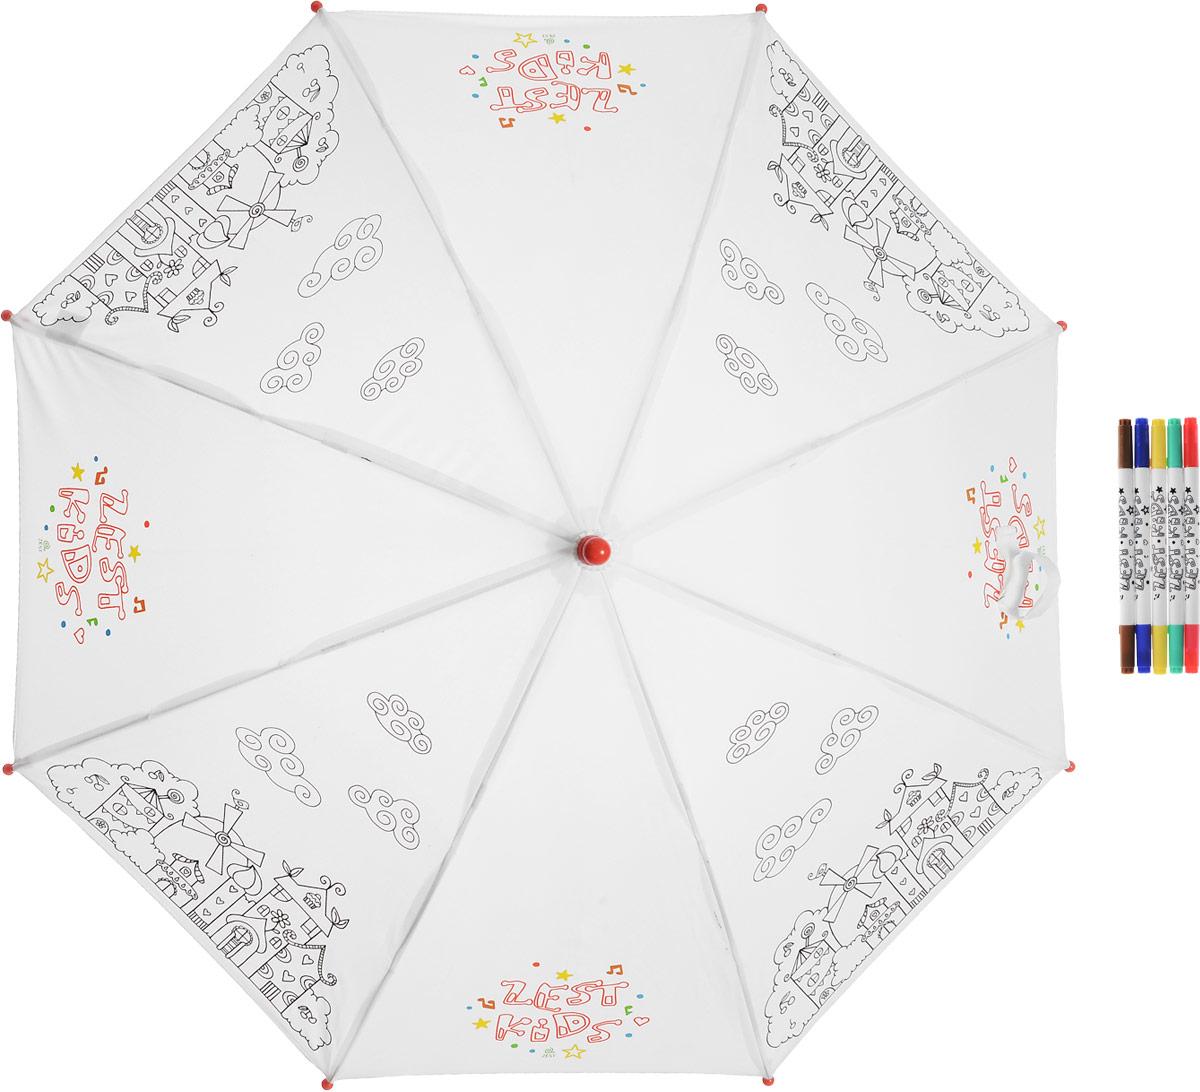 Зонт-трость детский Zest механический, цвет: белый. 21581-25721581-257Детский зонт-трость для раскрашивания Zest выполнен из металла и пластика, оформлен силуэтами картинок. Картинки малыш сможет раскрасить самостоятельно фломастерами, входящими в комплект. Каркас зонта выполнен из восьми спиц, стержень из стали. На концах спиц предусмотрены пластиковые элементы, которые защитят малыша от травм. Купол зонта изготовлен прочного полиэстера. Закрытый купол застегивается на липучку хлястиком. Практичная глянцевая рукоятка закругленной формы разработана с учетом требований эргономики и выполнена из пластика.